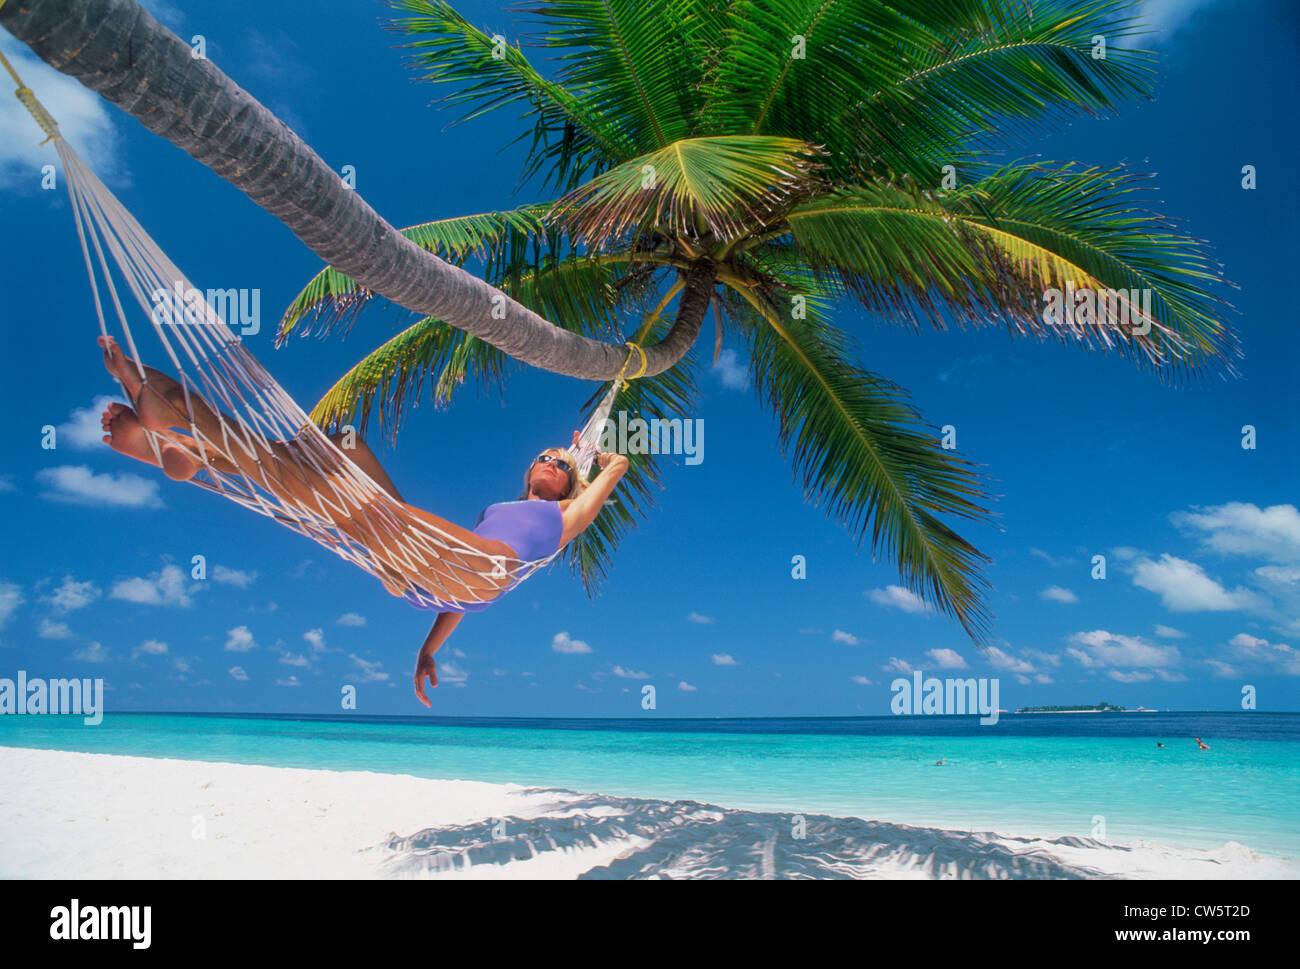 Mujer en hamaca bajo palmeras en un idílico entorno de vacaciones Foto de stock